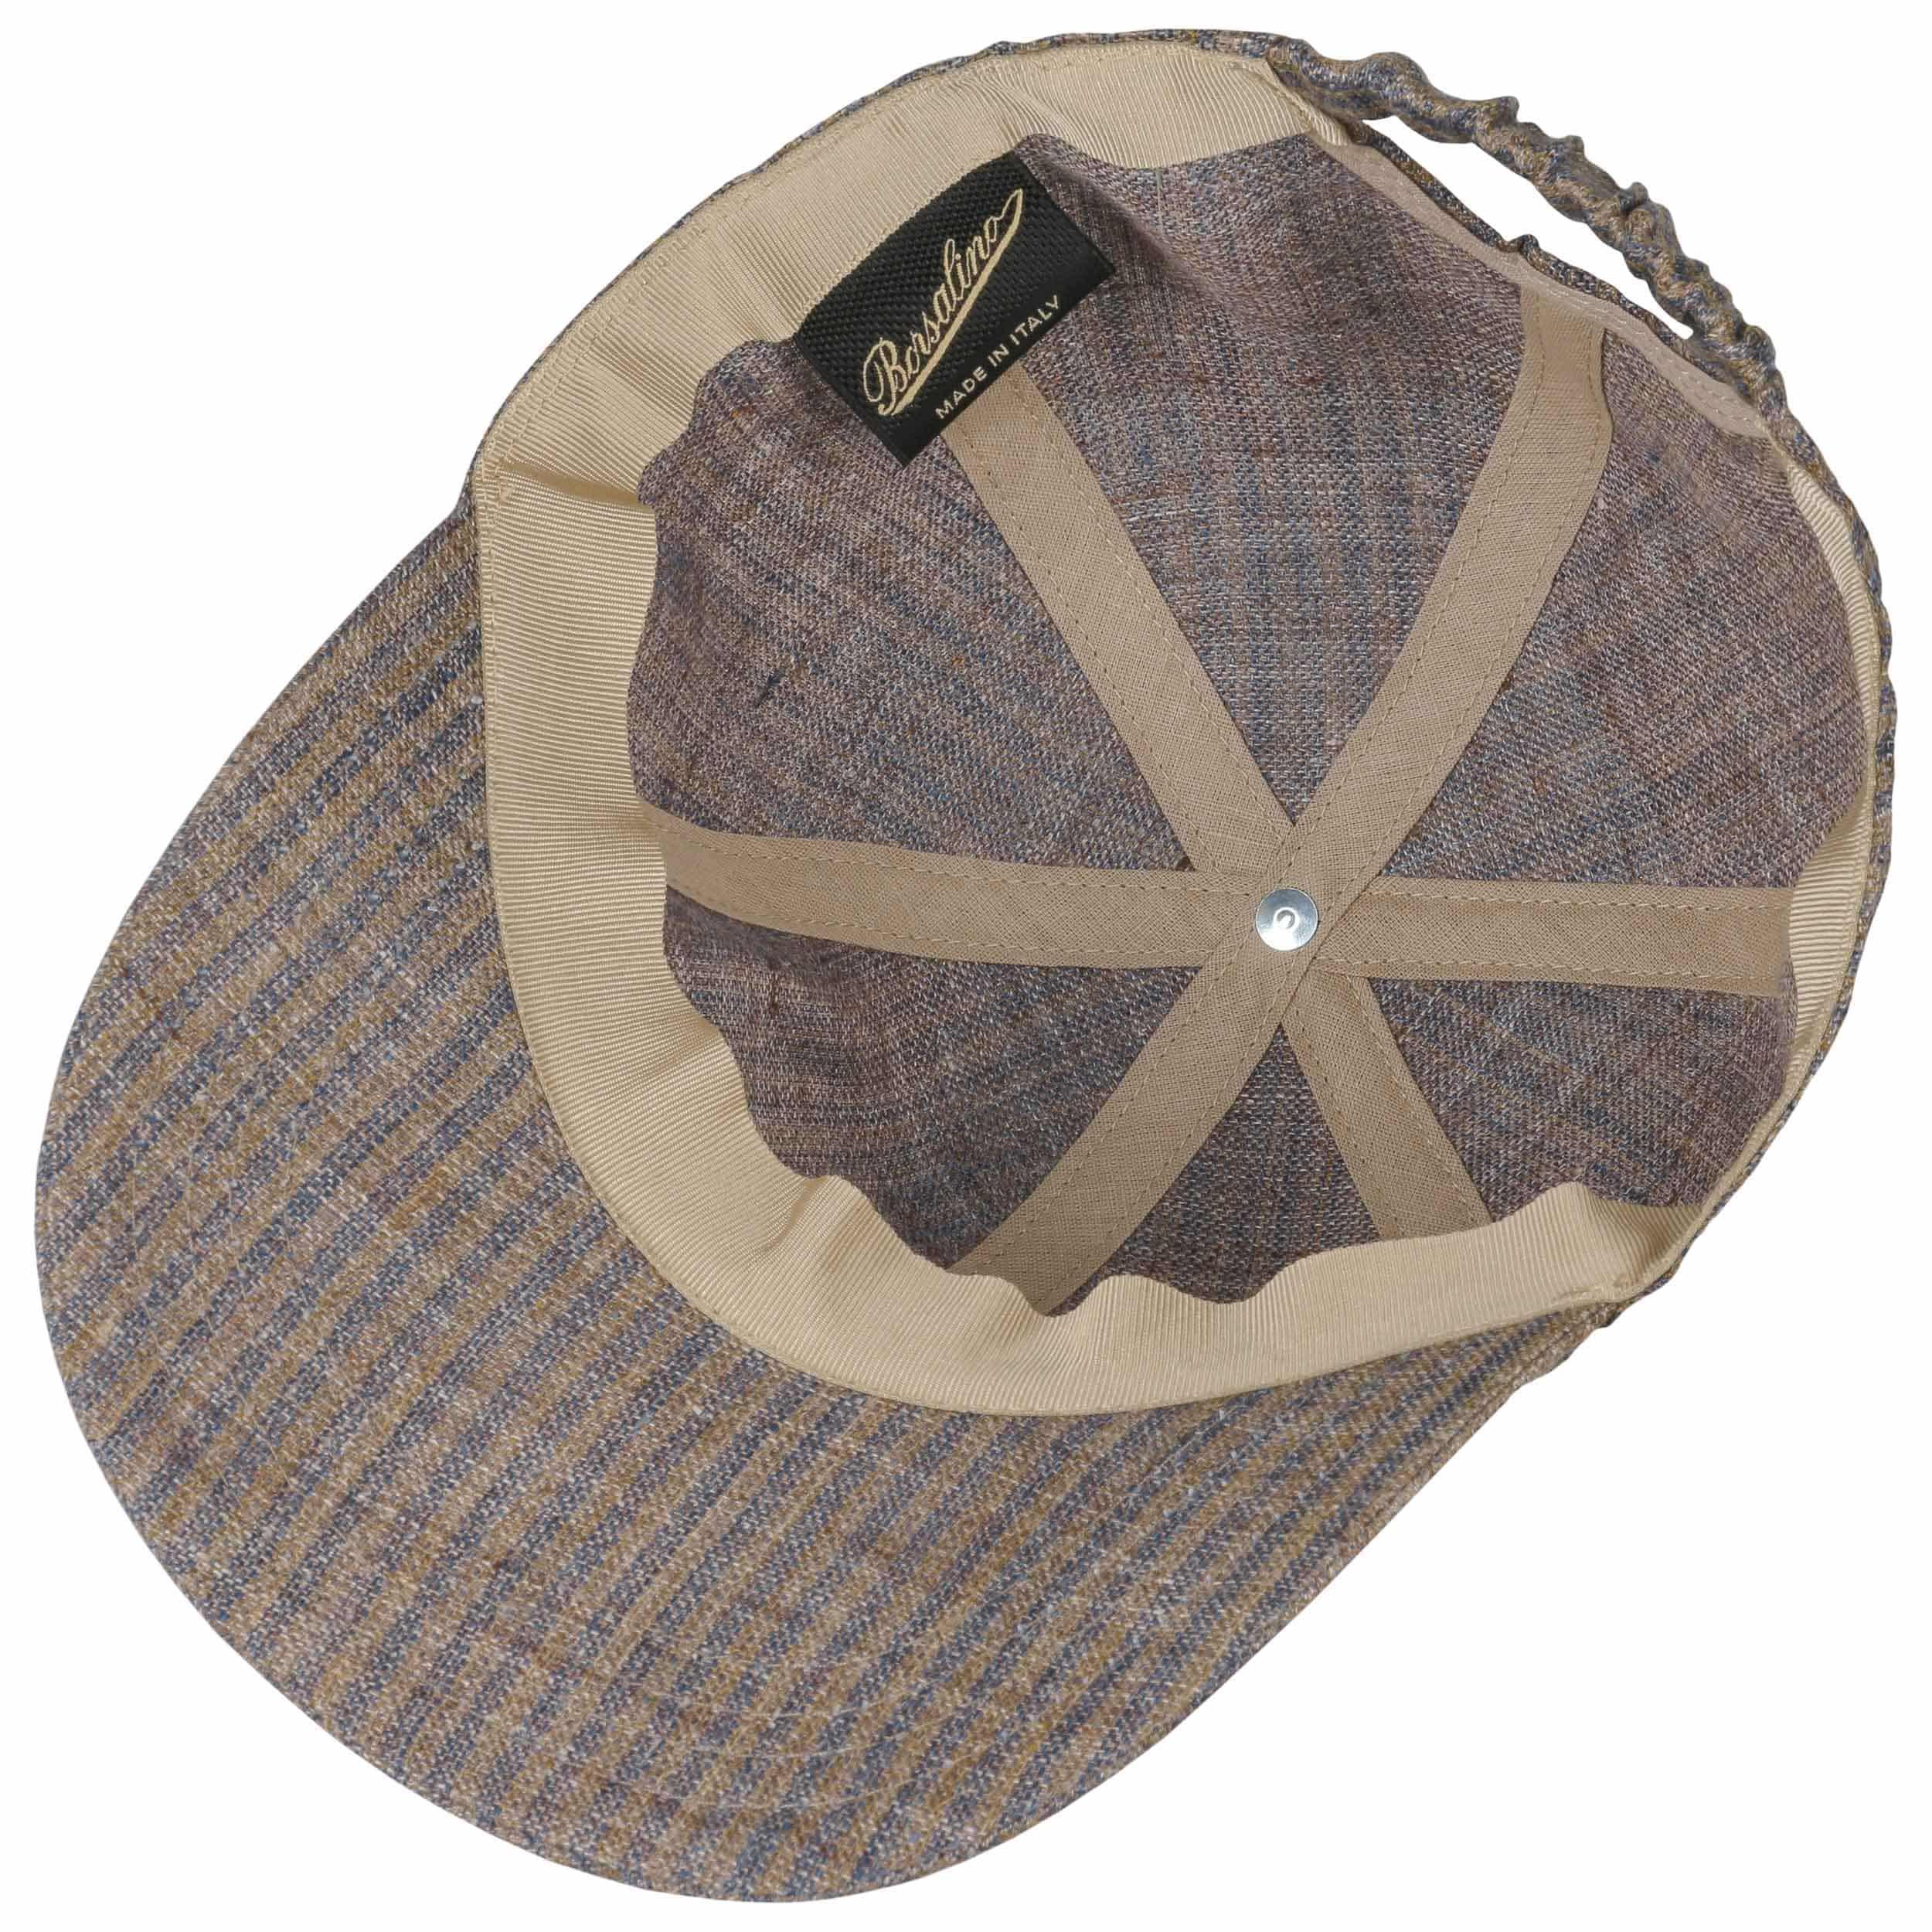 1eb23e3b4a1d8 Gorra de Béisbol Pinstripe by Borsalino - Gorras - sombreroshop.es